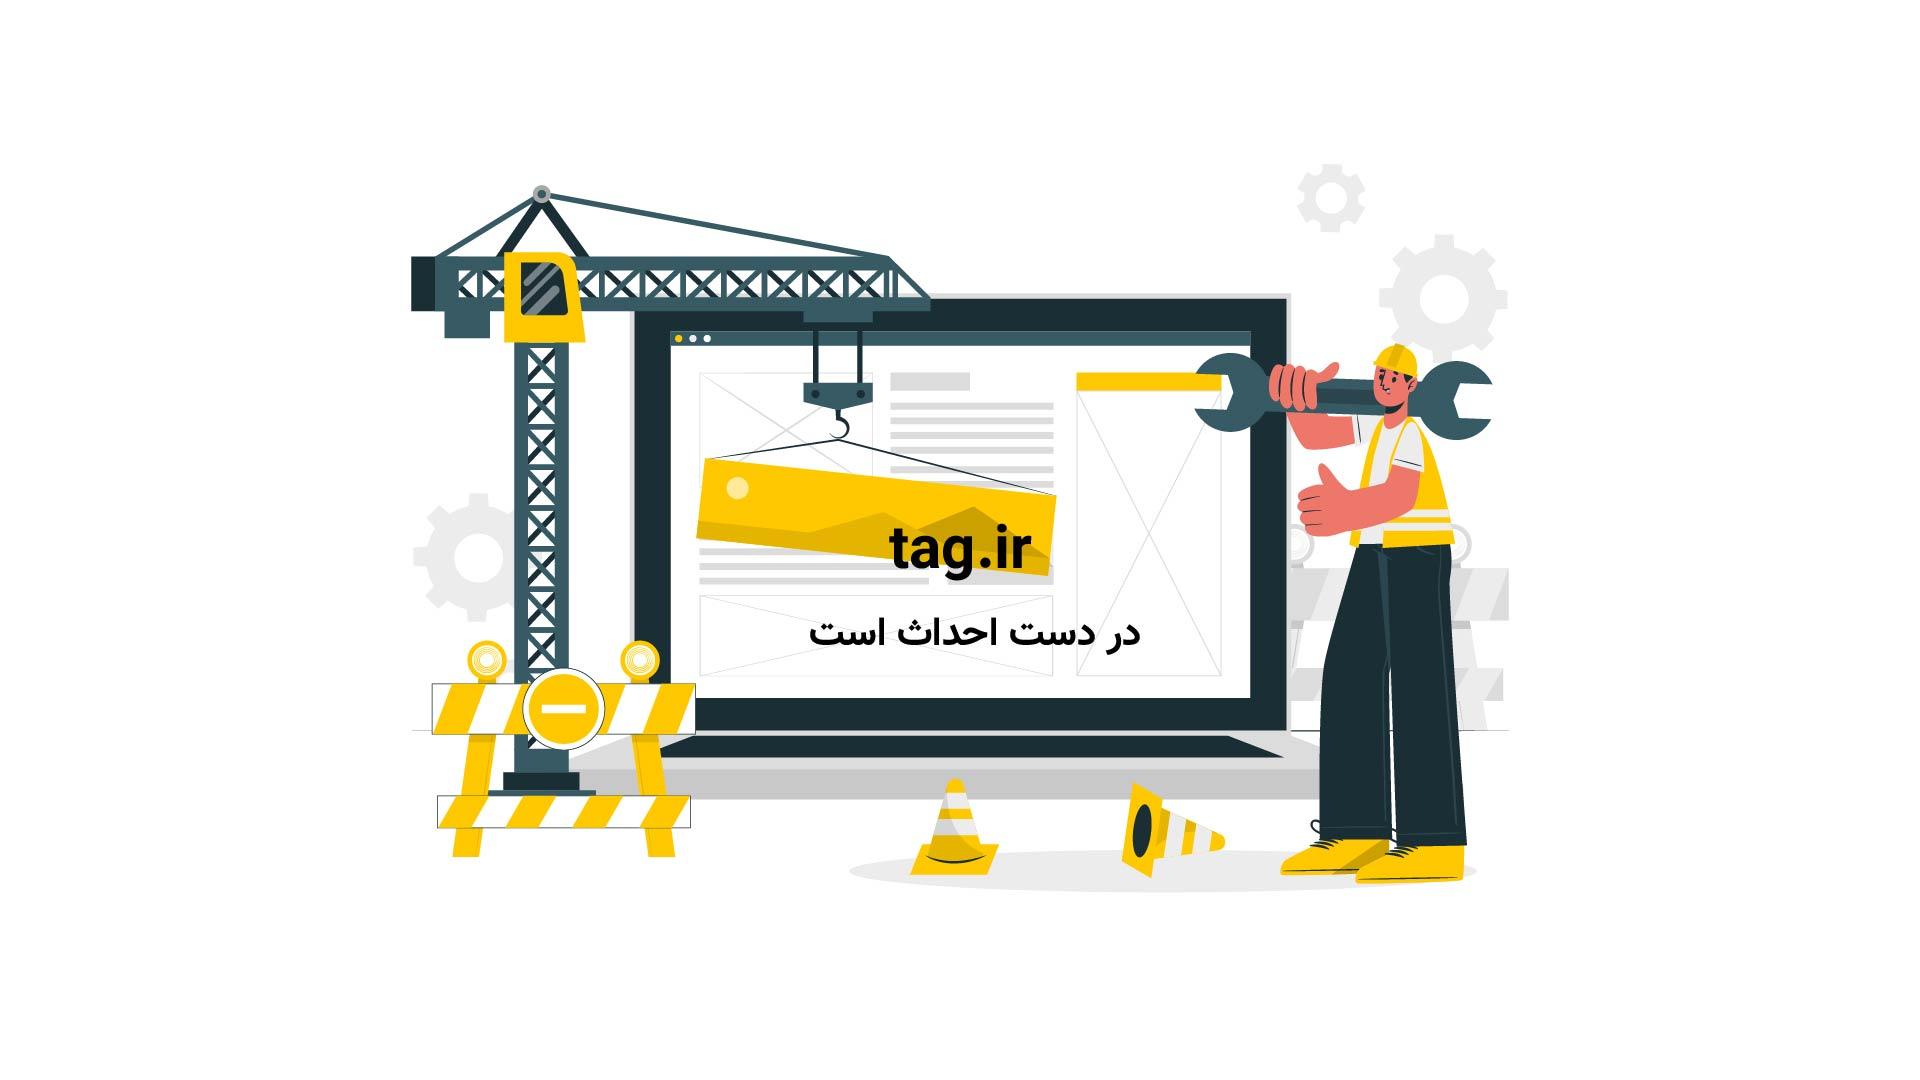 عناوین روزنامههای اقتصادی چهارشنبه 8 دی | فیلم